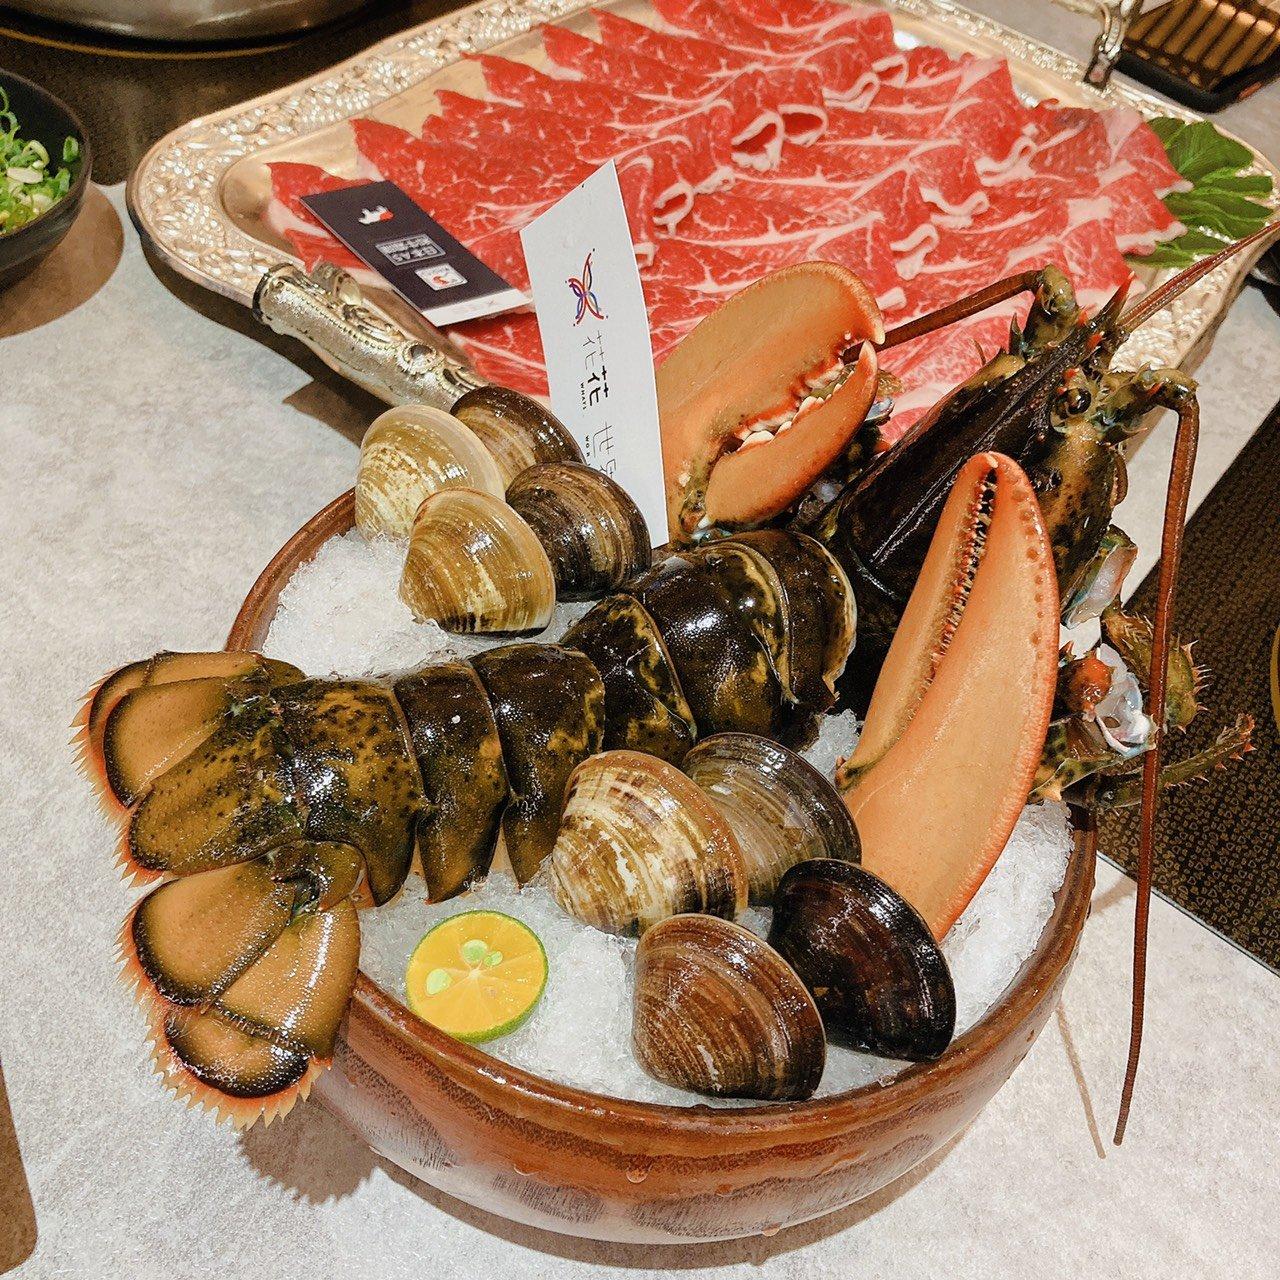 【台南超強火鍋】花花世界鍋物|海鮮|龍蝦|和牛|台南火鍋|精緻鍋物